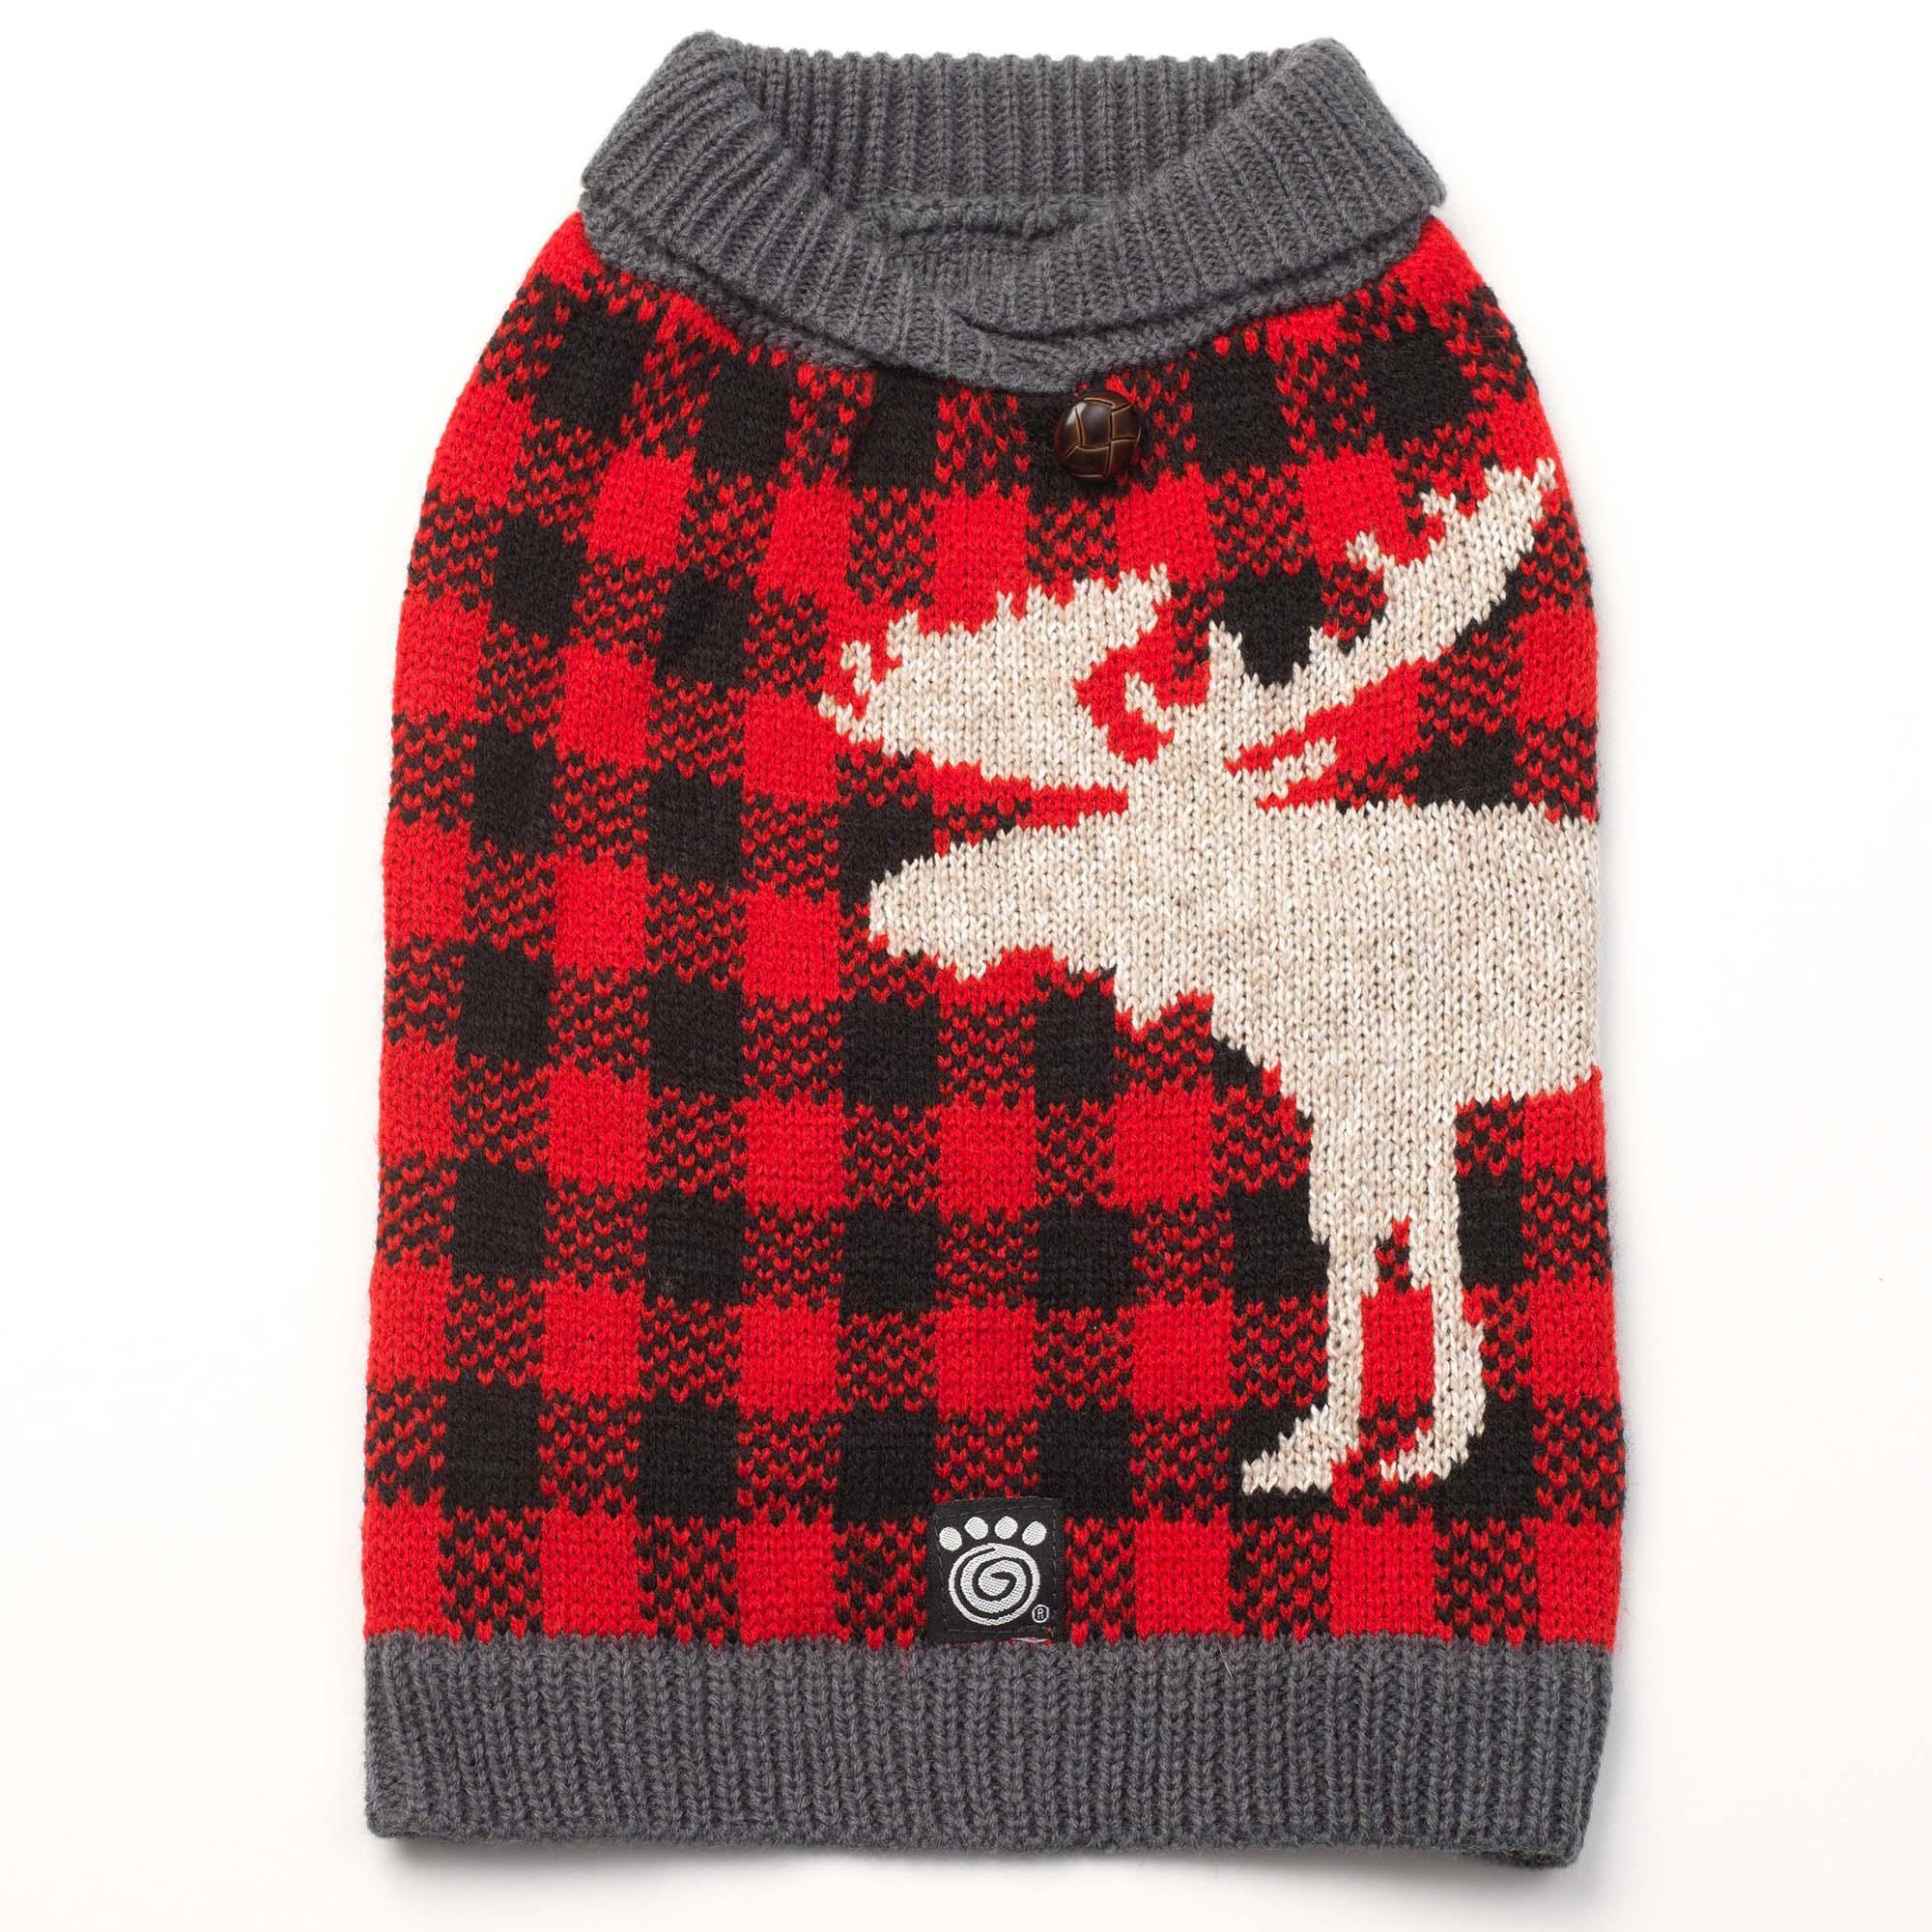 Jackson Novelty Dog Sweater - Moose